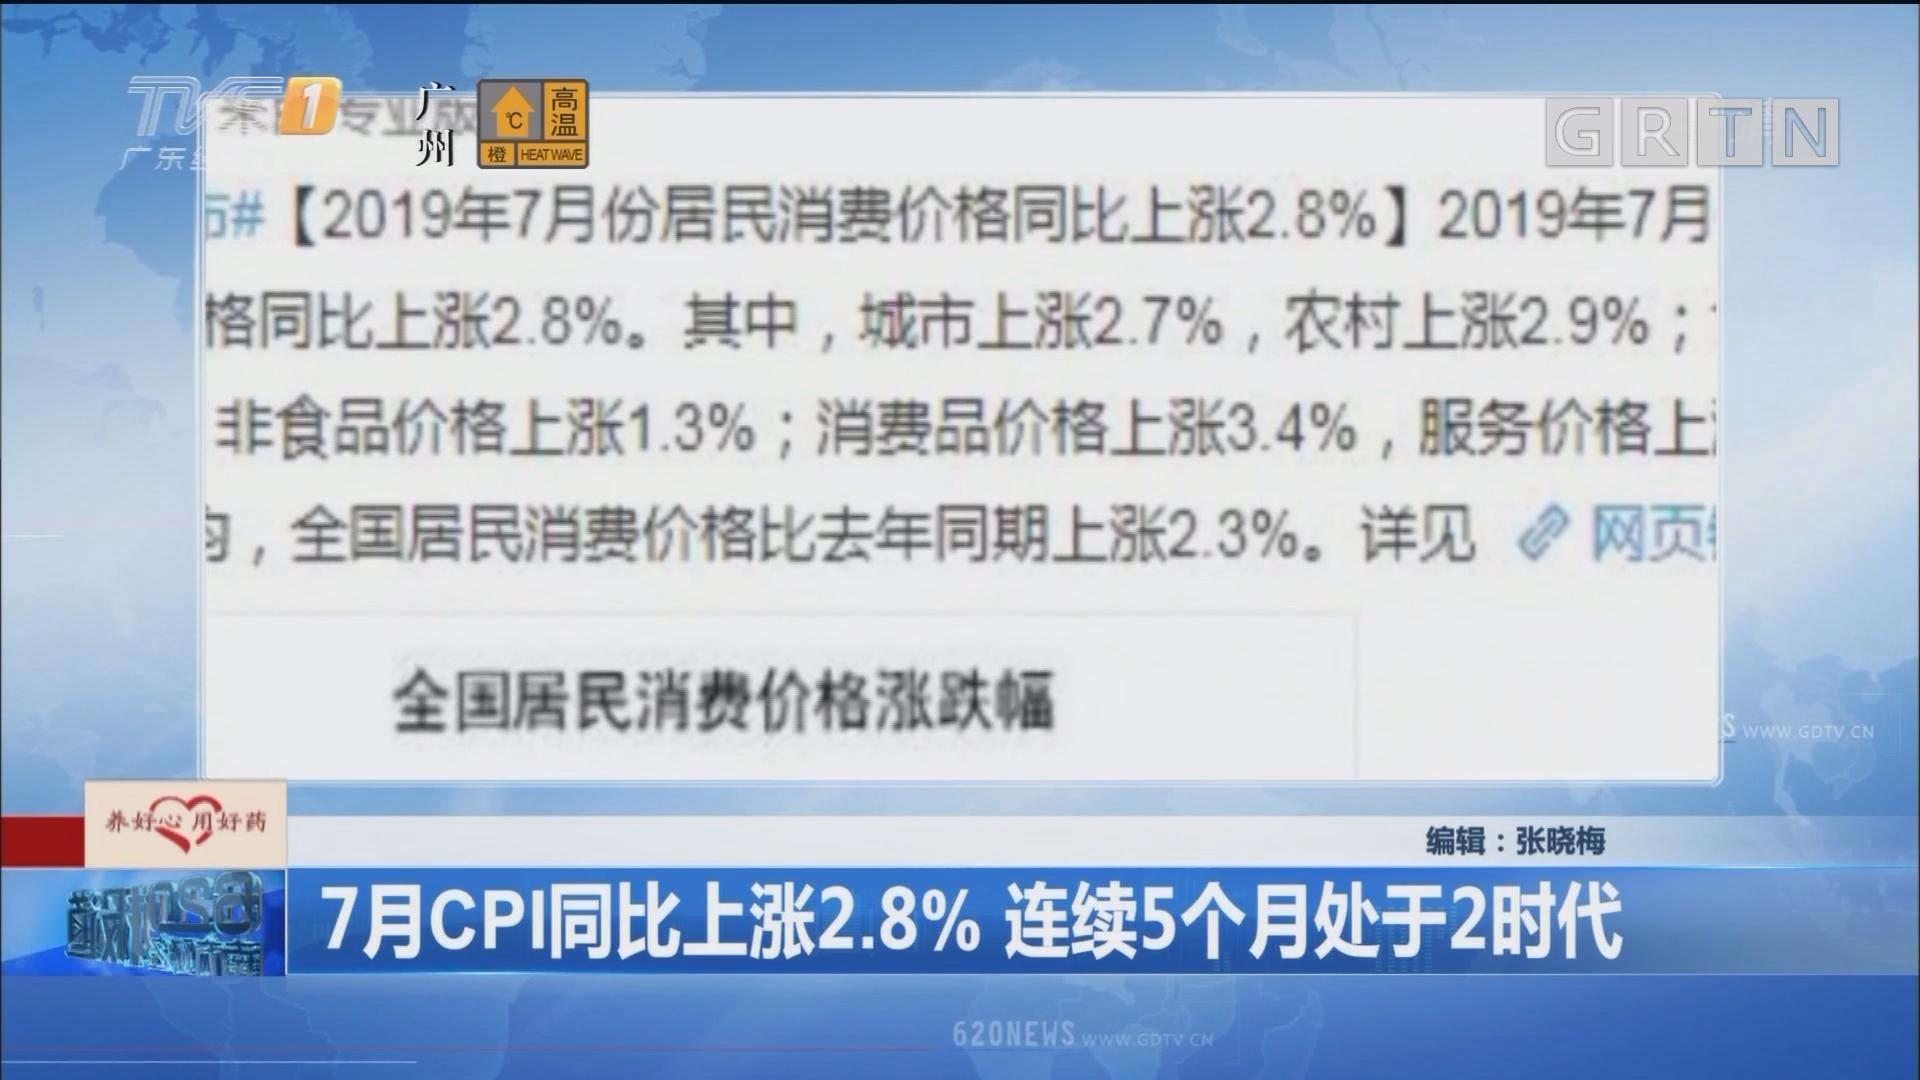 7月CPI同比上涨2.8% 连续5个月处于2时代